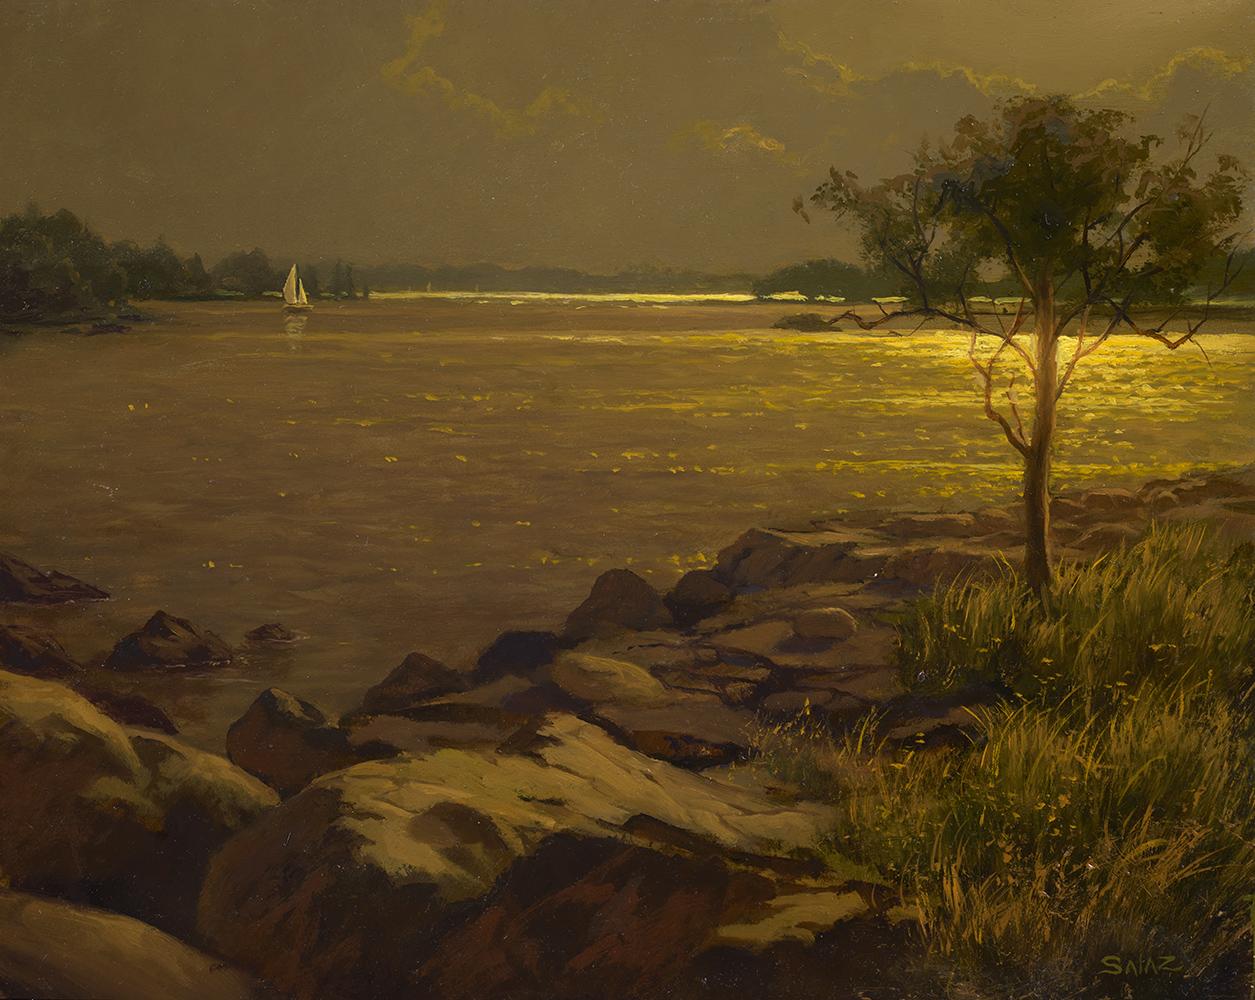 ken_salaz_kws1126_evening_sail_after_the_storm_long_island_sound.jpg